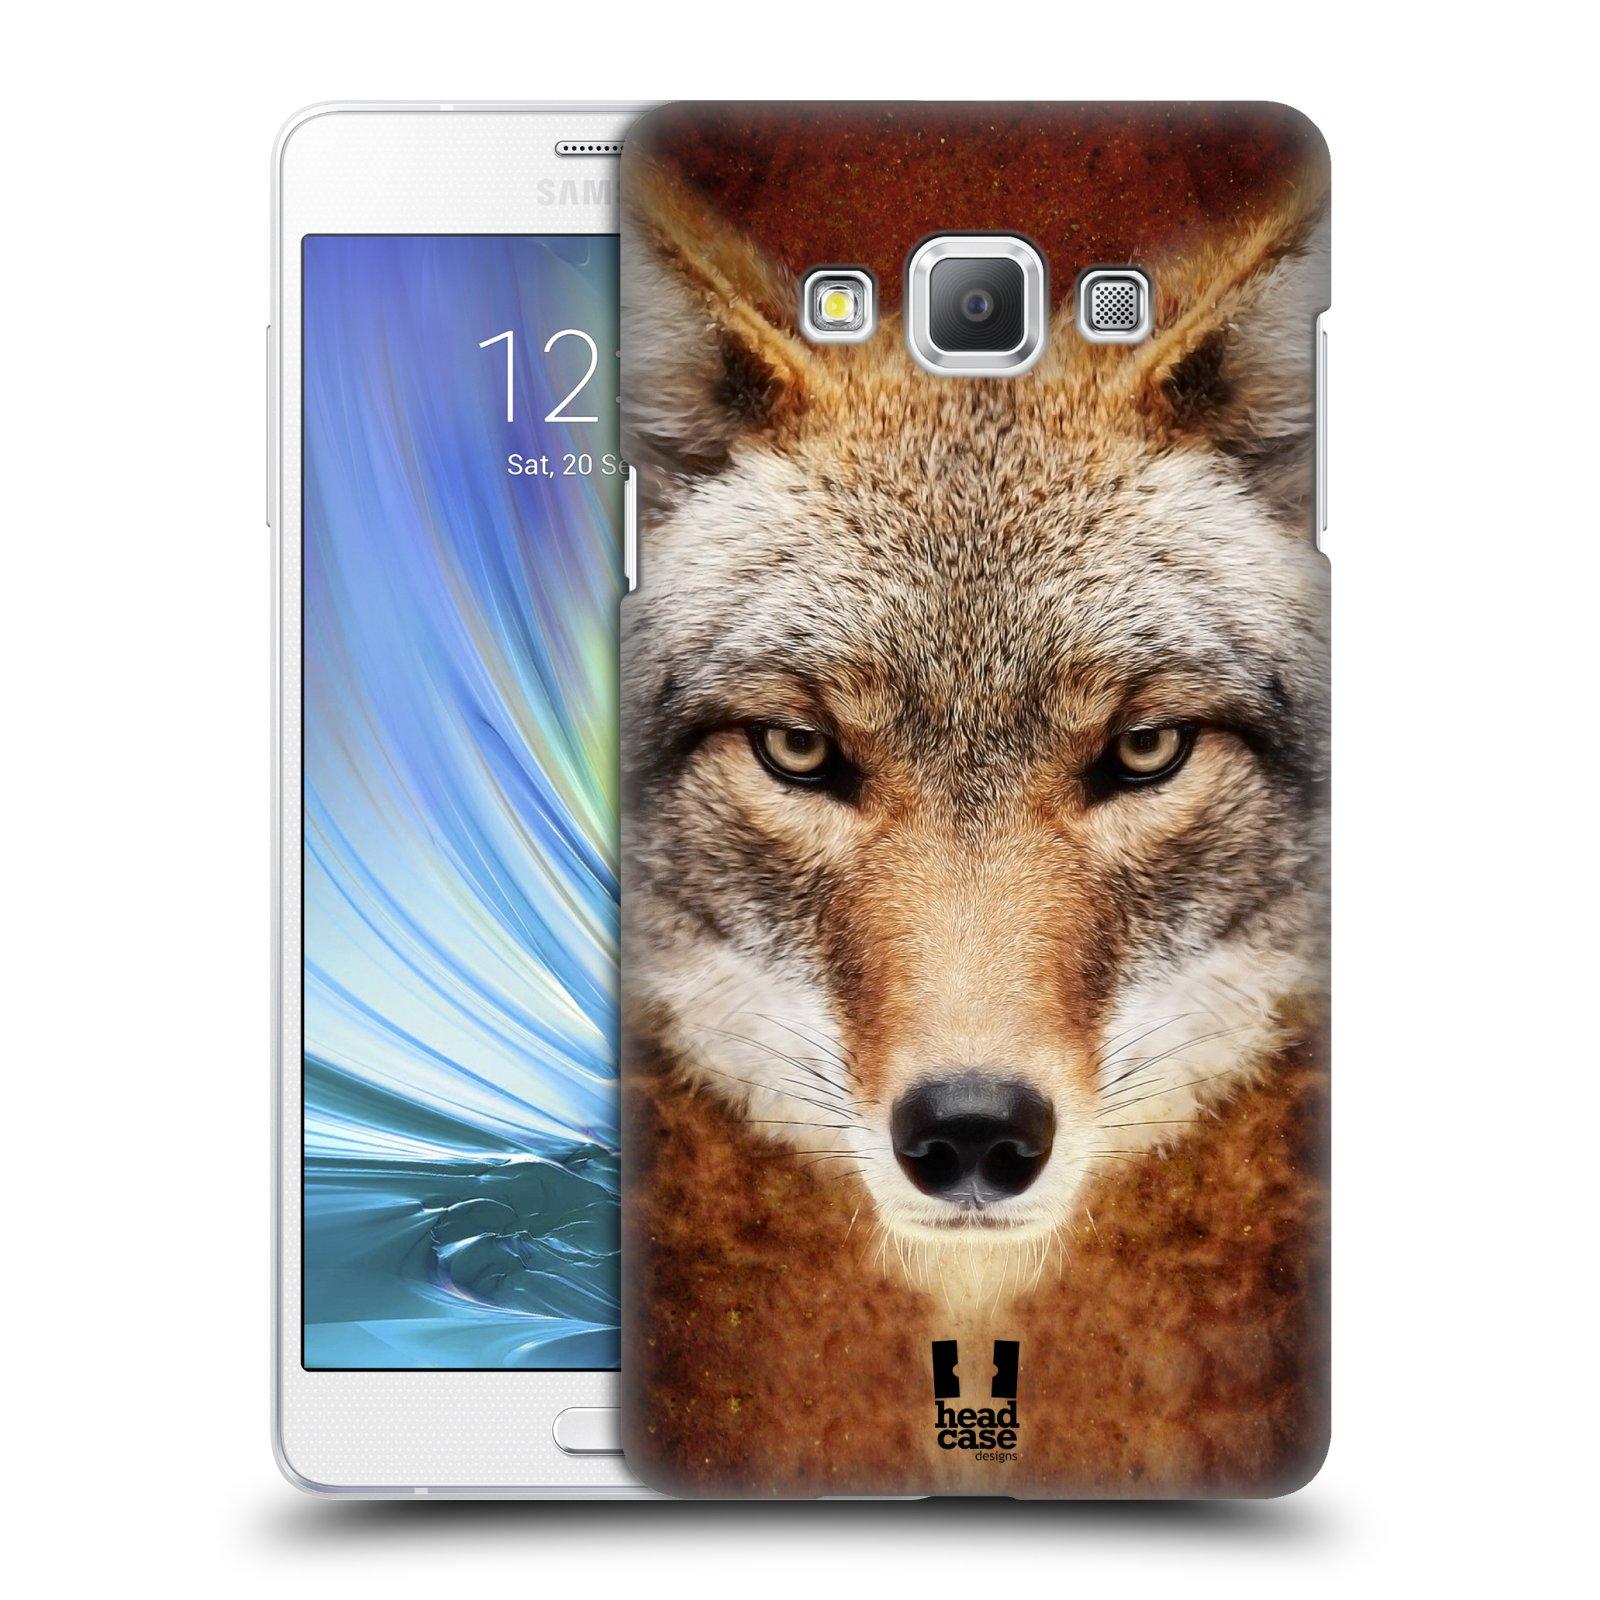 HEAD CASE plastový obal na mobil SAMSUNG GALAXY A7 vzor Zvířecí tváře kojot